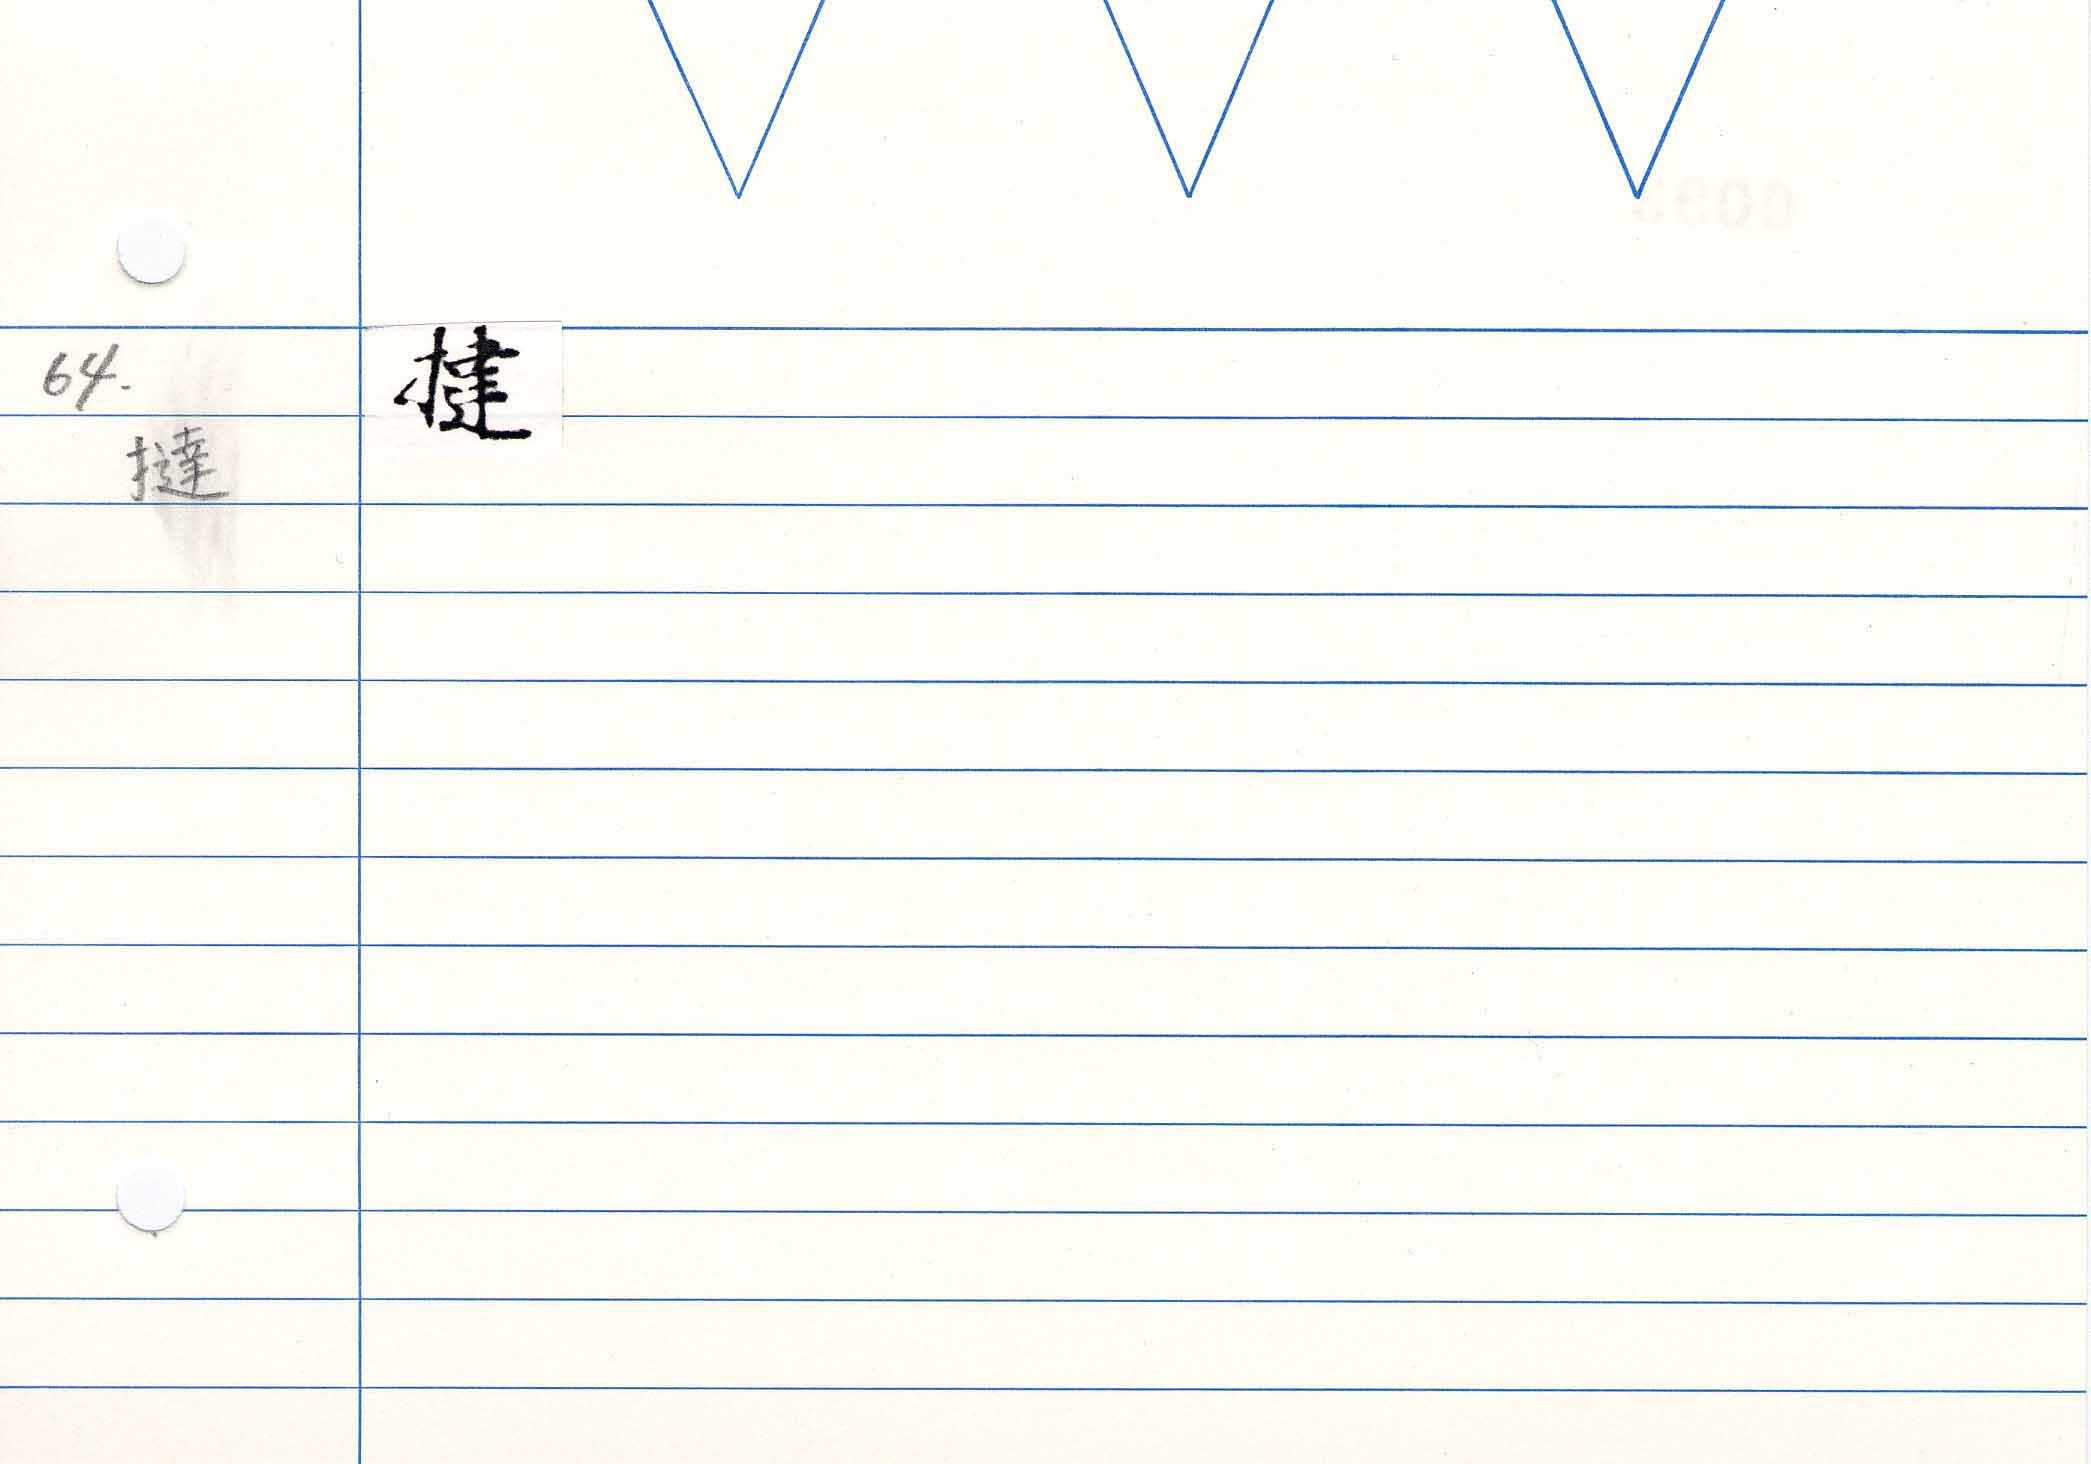 13_妙法蓮華經卷八(S.2577)/cards/0093.jpg